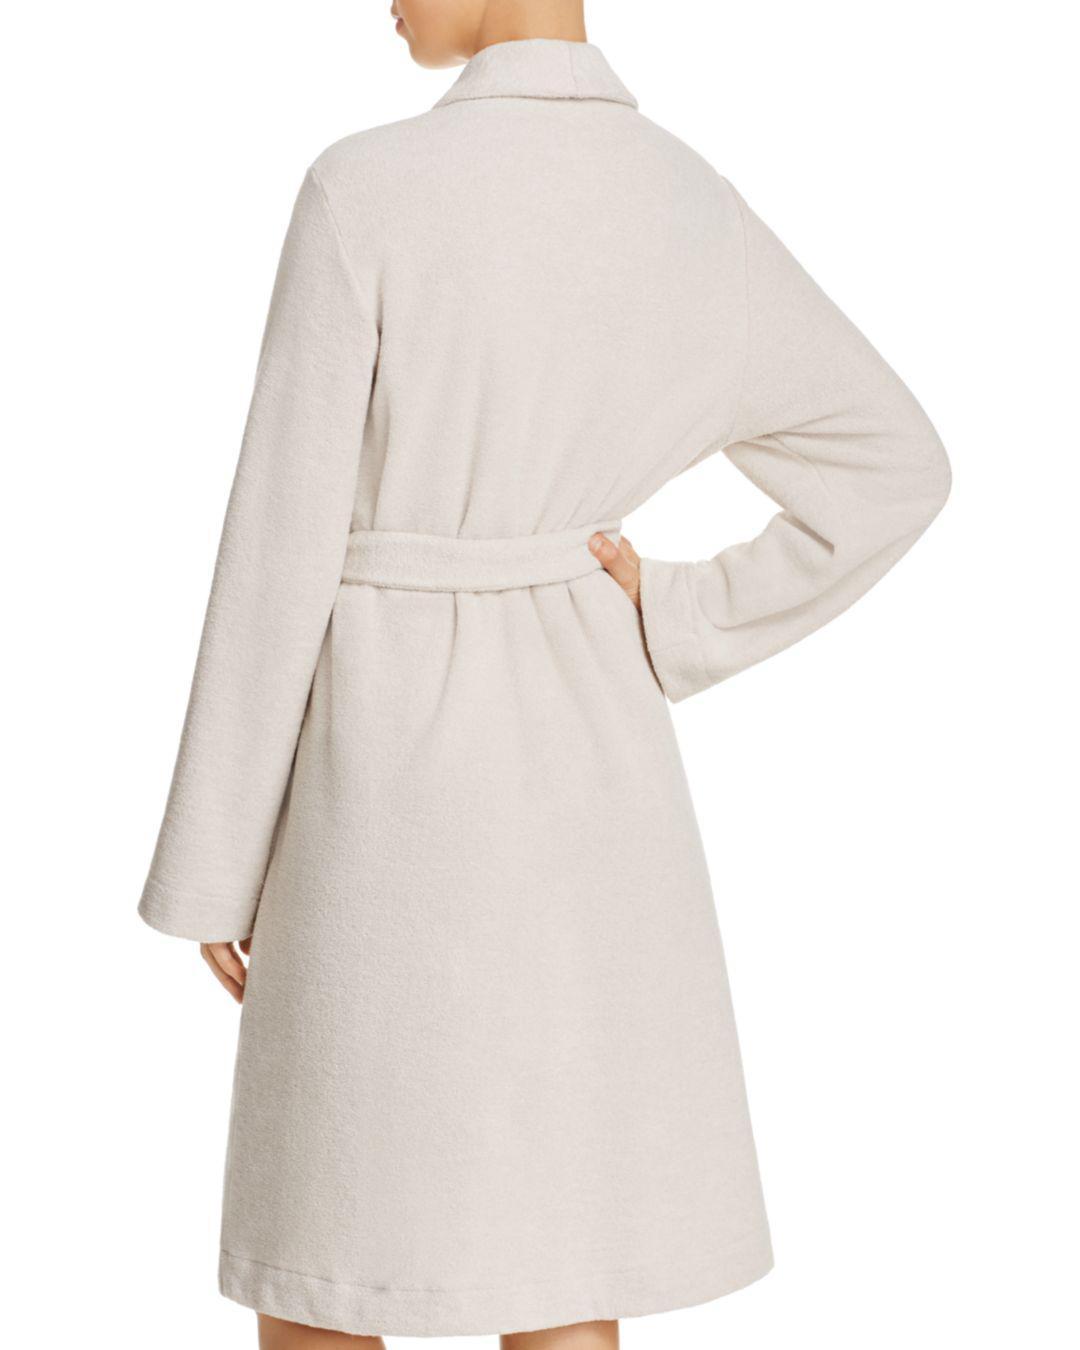 Lyst - Hanro Plush Wrap Robe in Natural 46aa5e44a